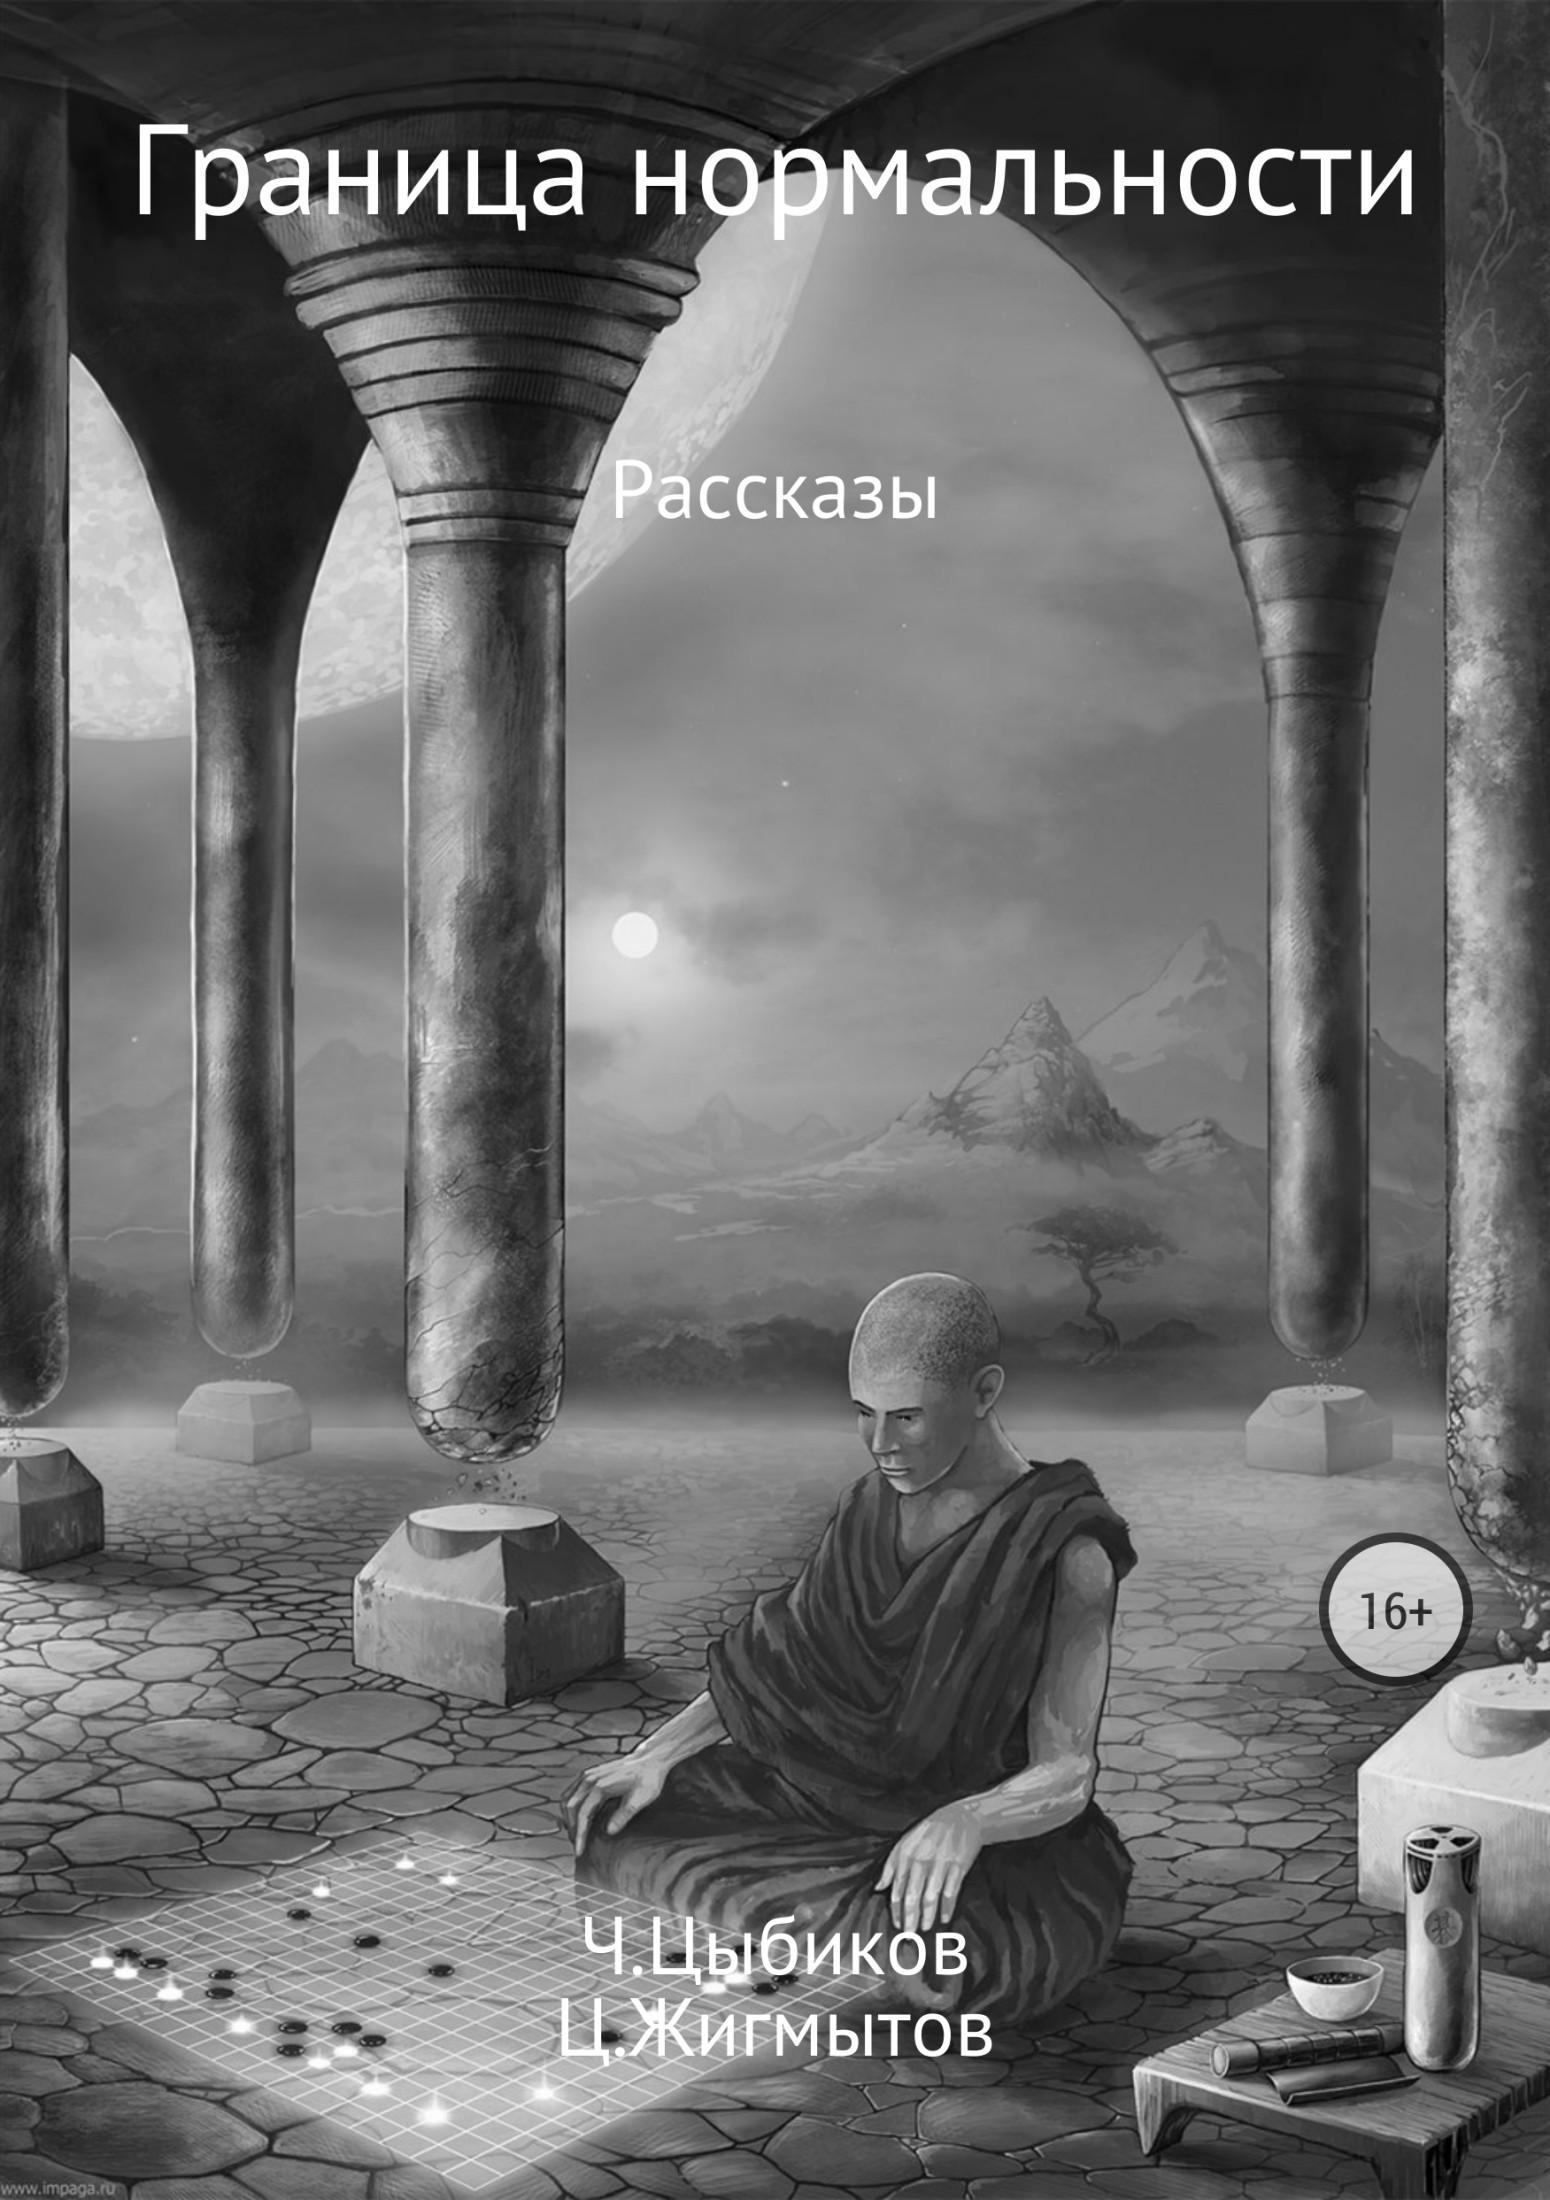 Чингиз Григорьевич Цыбиков. Граница нормальности